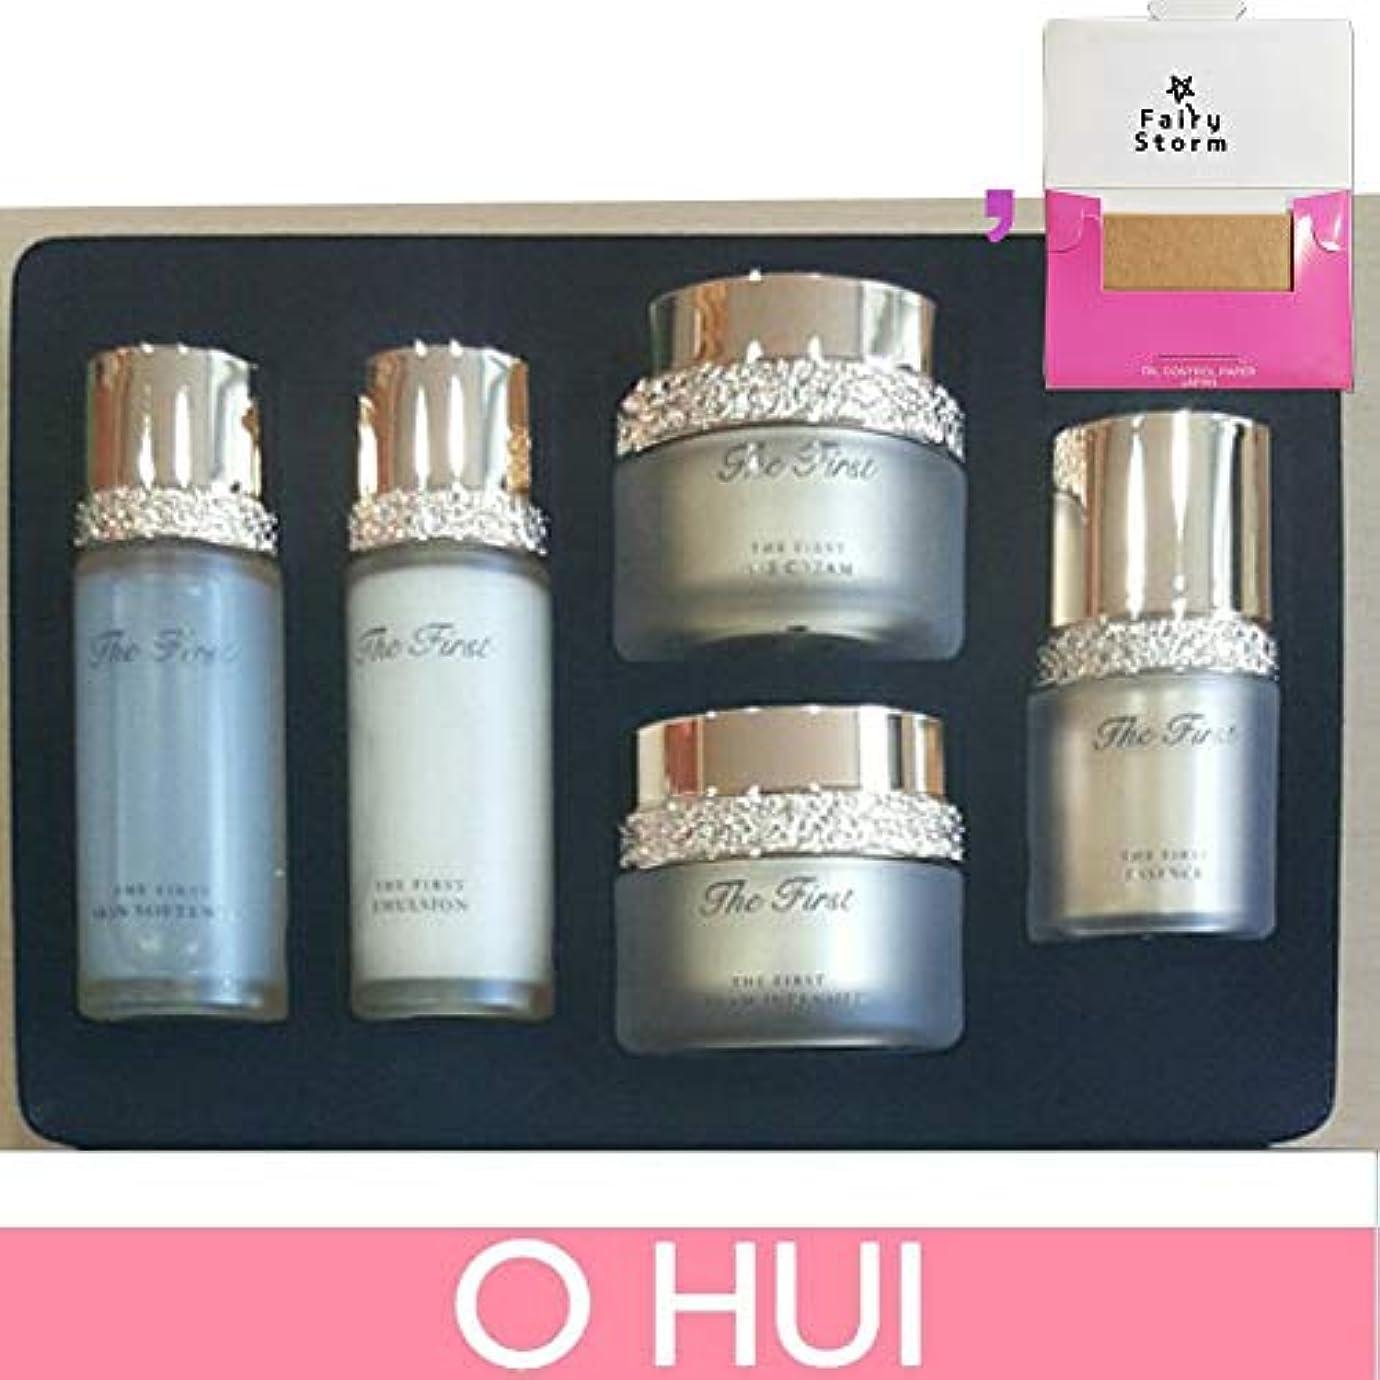 シュリンク感情広げる[オフィ/O HUI]韓国化粧品 LG生活健康/OHUI the First Cell Revolution 5pcs Special Kit Set + [Sample Gift](海外直送品)